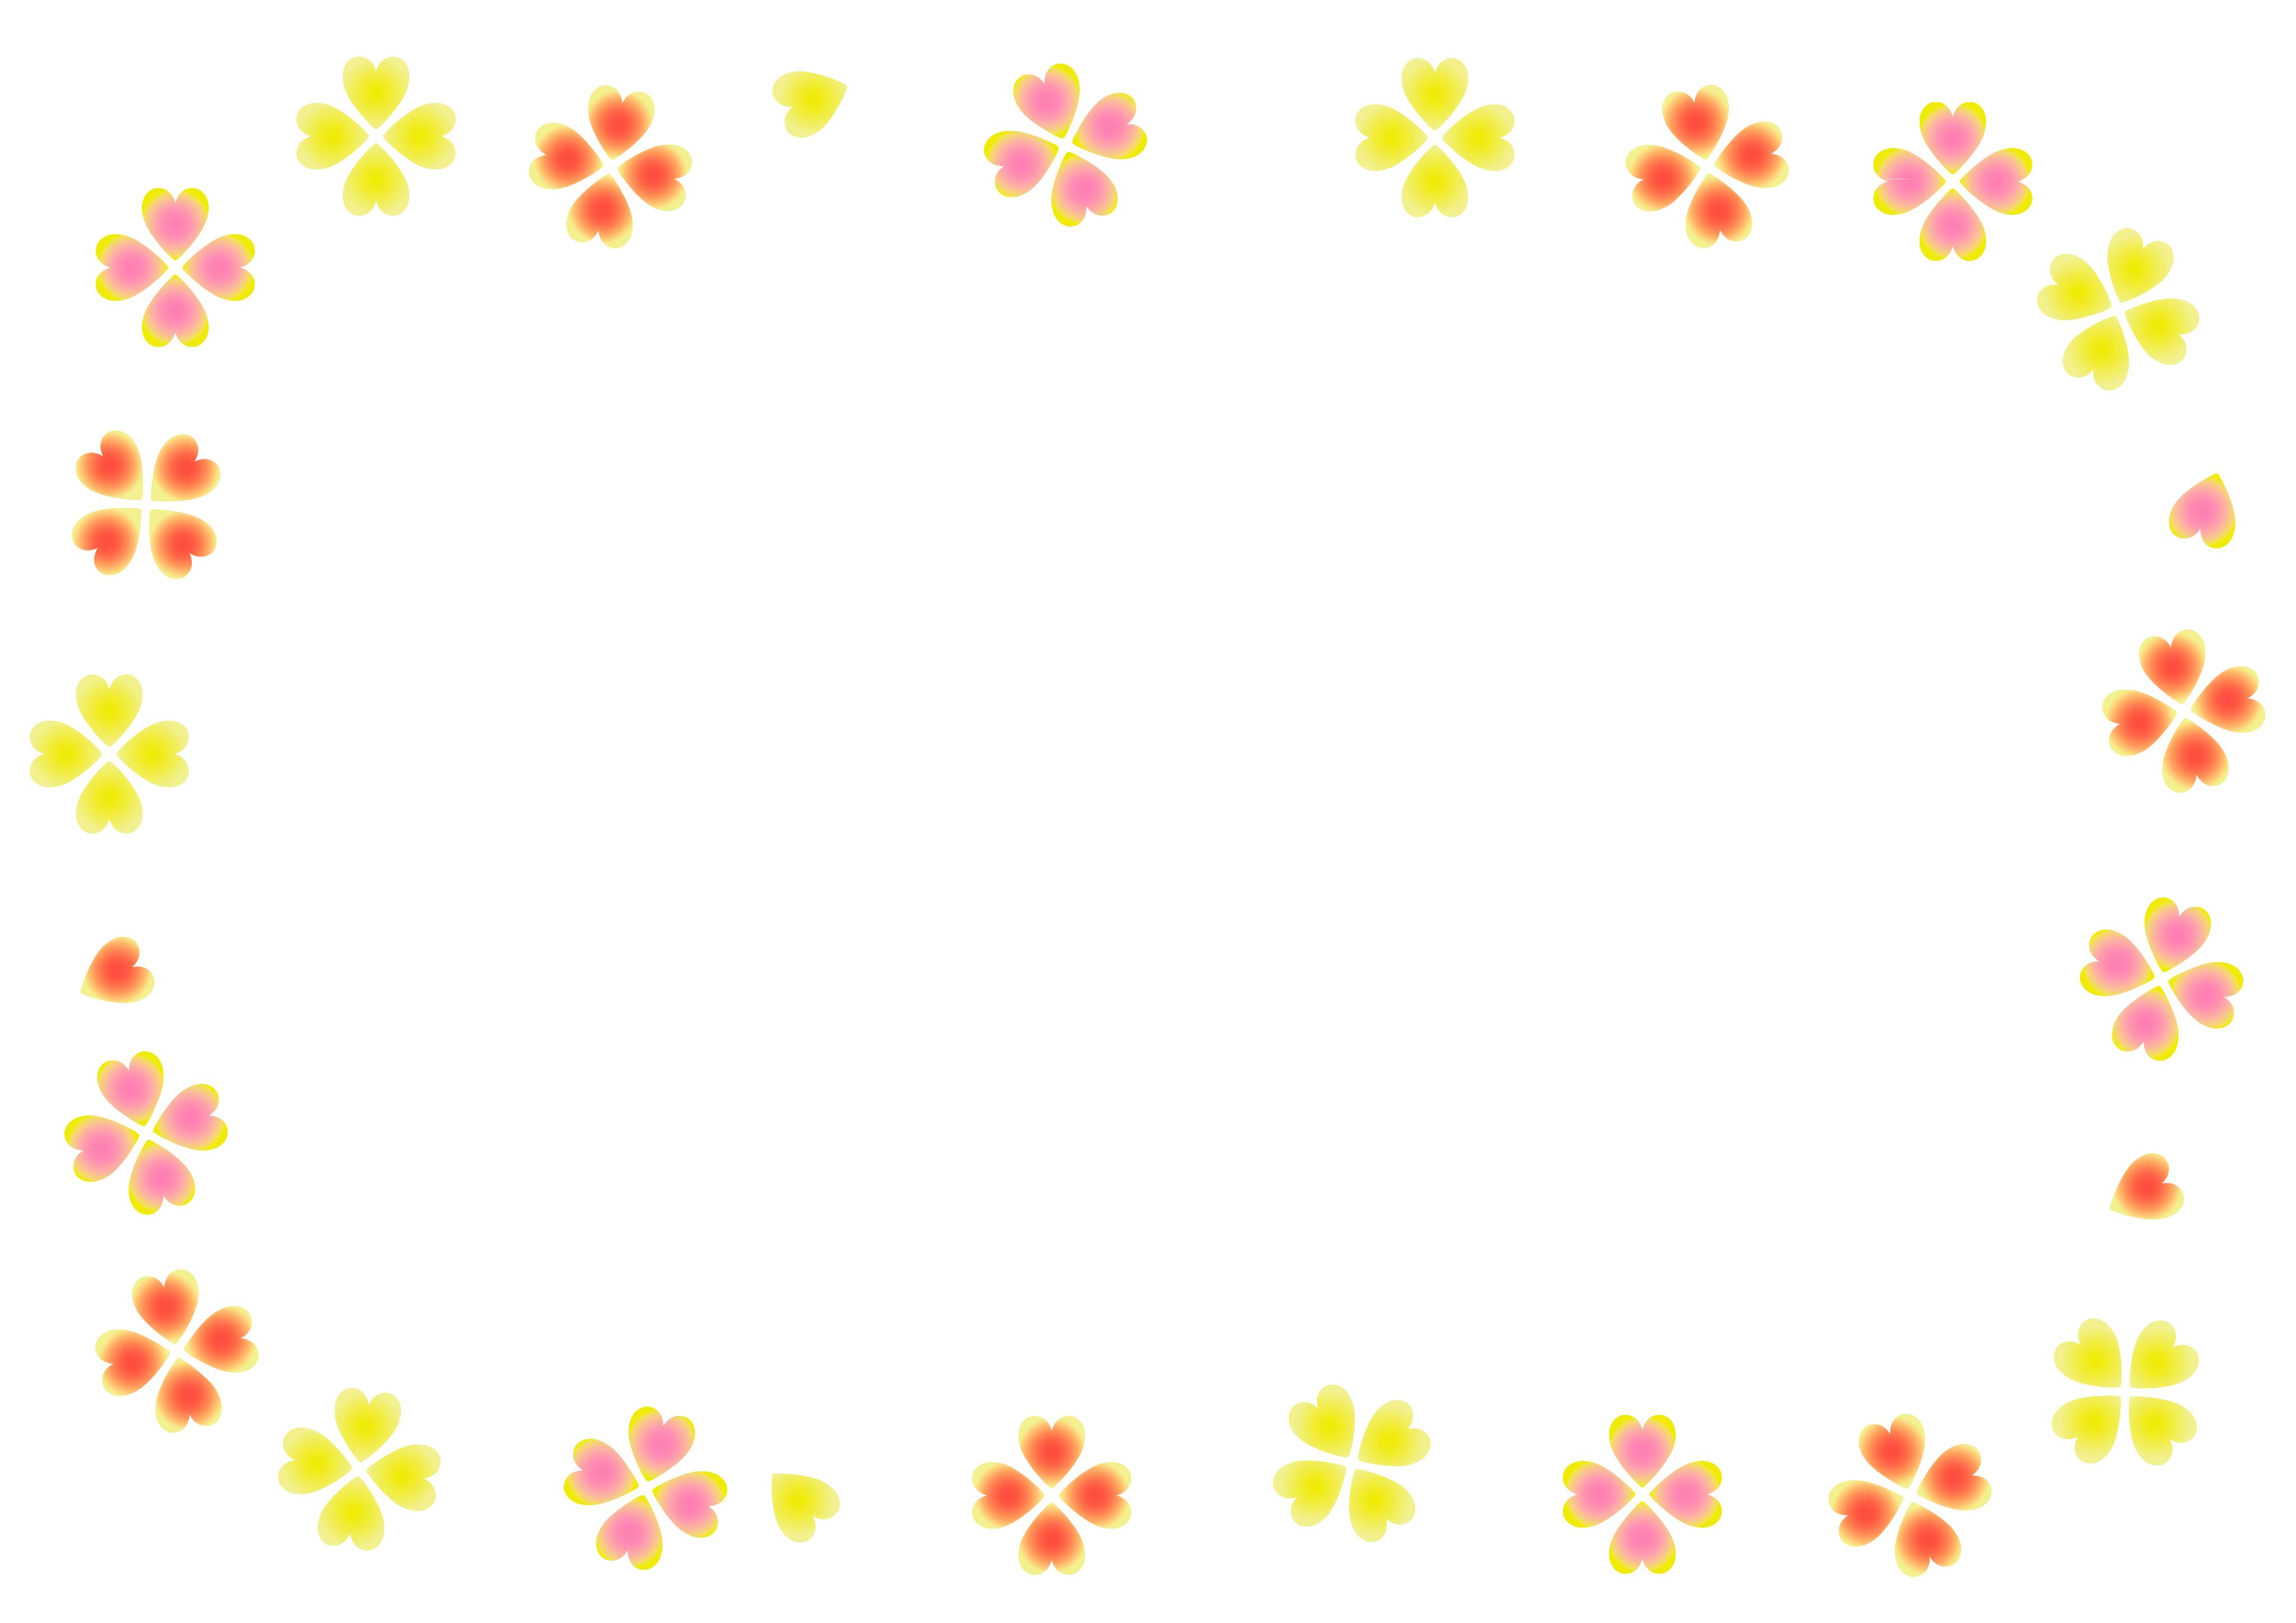 メッセージカード枠 Word等 挿入用 テンプレート イラスト画像 無料